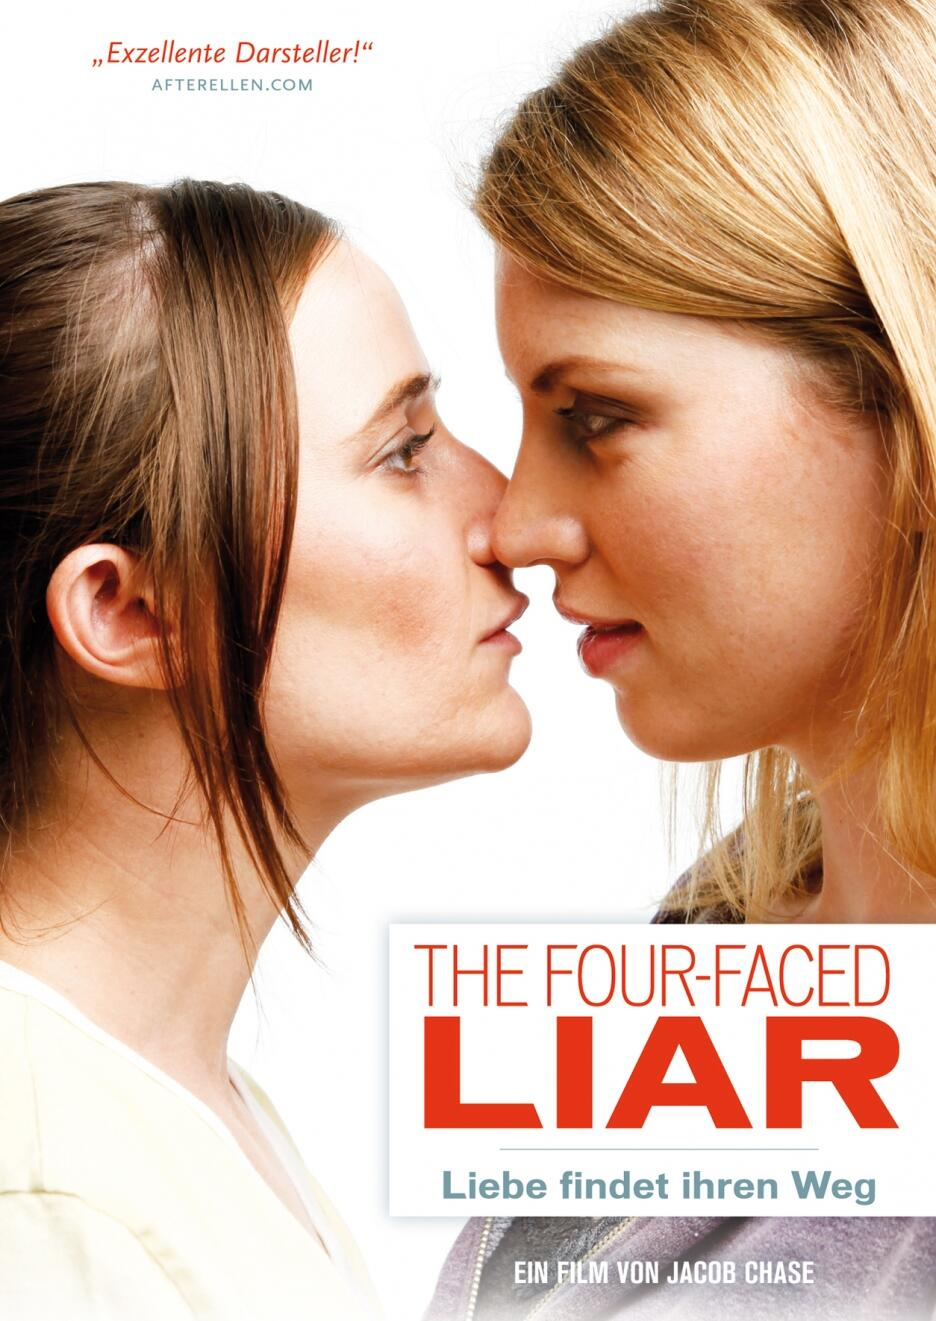 The Four-Faced Liar - Liebe findet ihren Weg   Film 2010